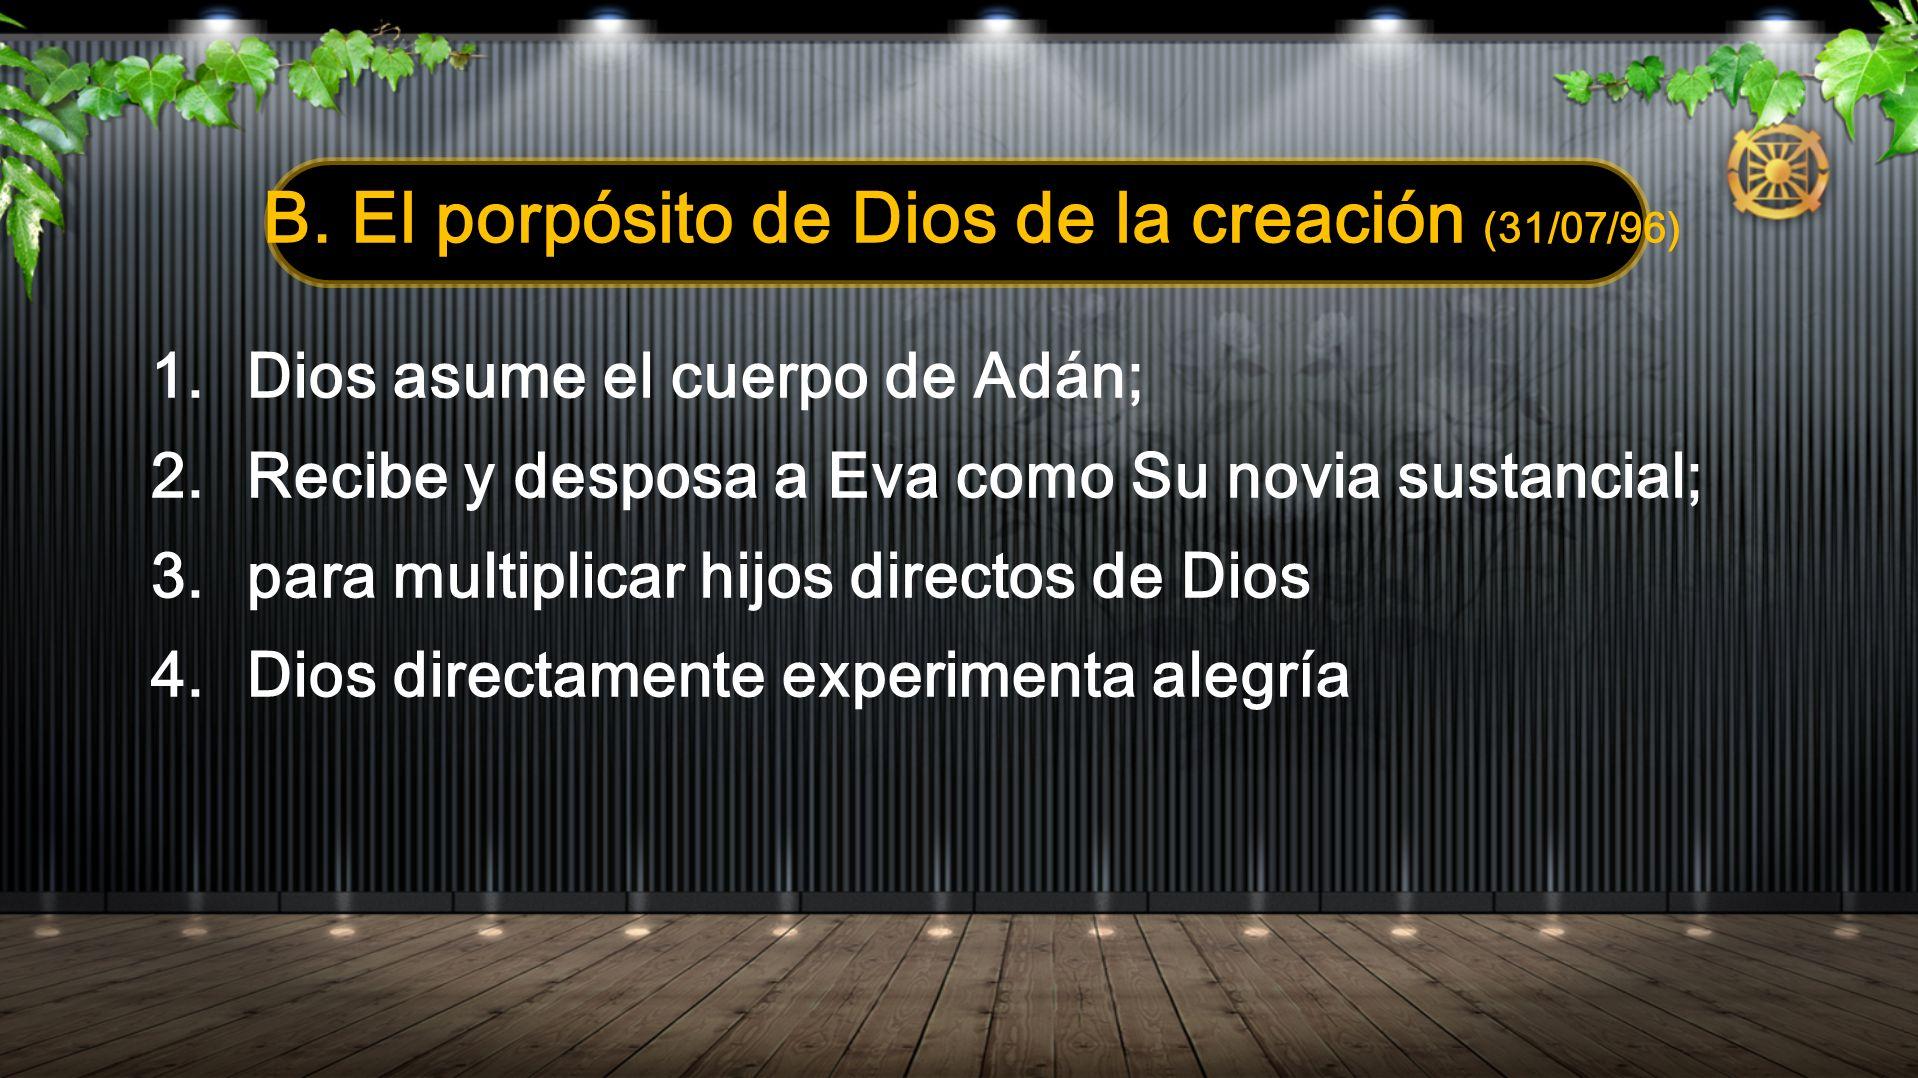 1. Dios asume el cuerpo de Adán; 2. Recibe y desposa a Eva como Su novia sustancial; 3. para multiplicar hijos directos de Dios 4. Dios directamente e